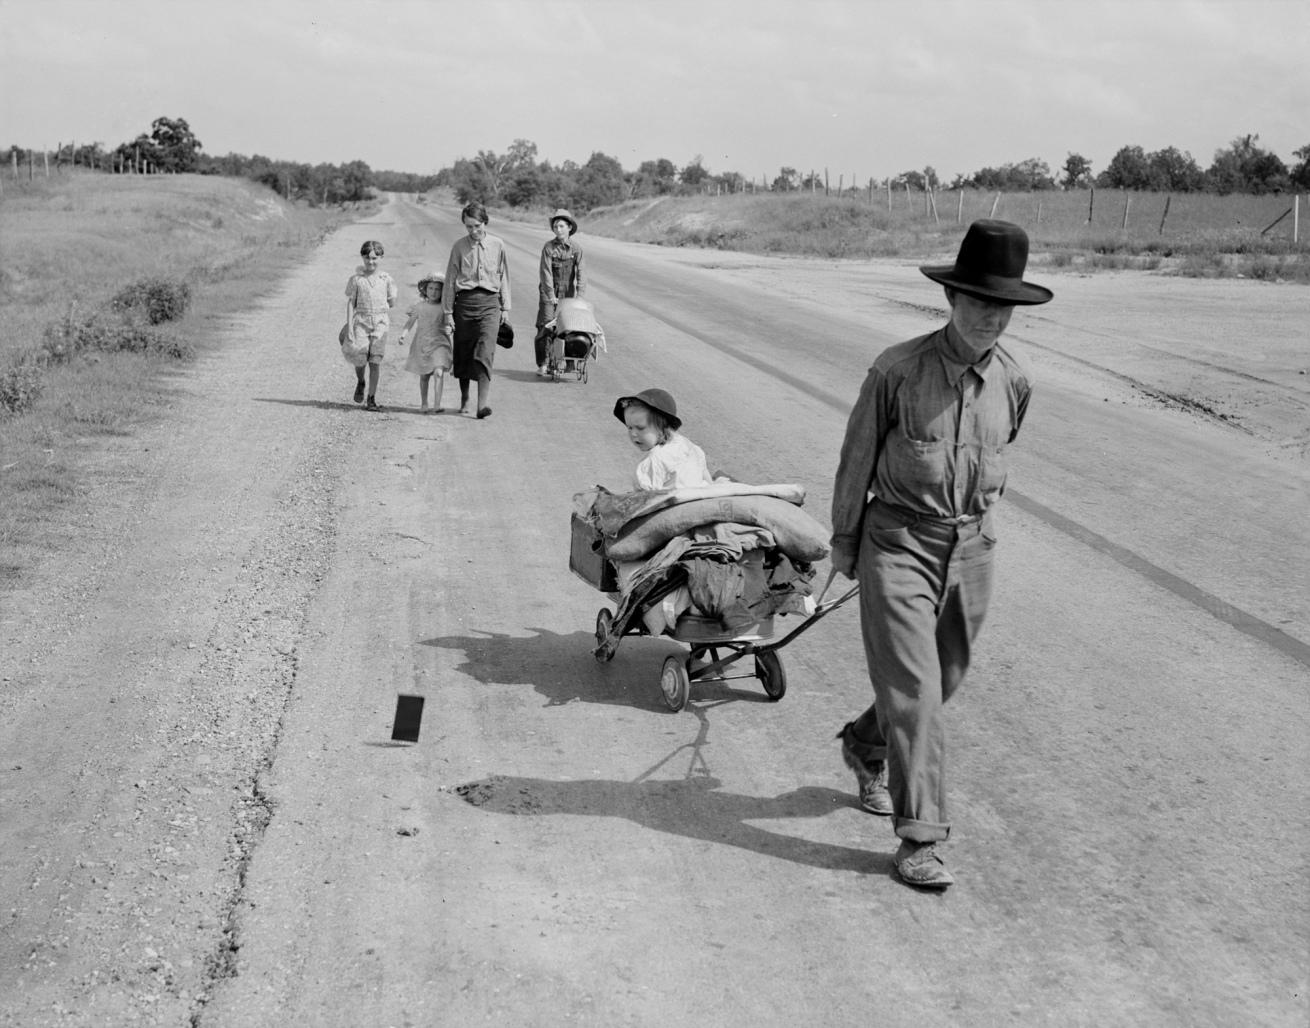 Fotó: Dorothea Lange: Öt gyerekkel vándorló család, Oklahoma, June 1938, Library of Congress